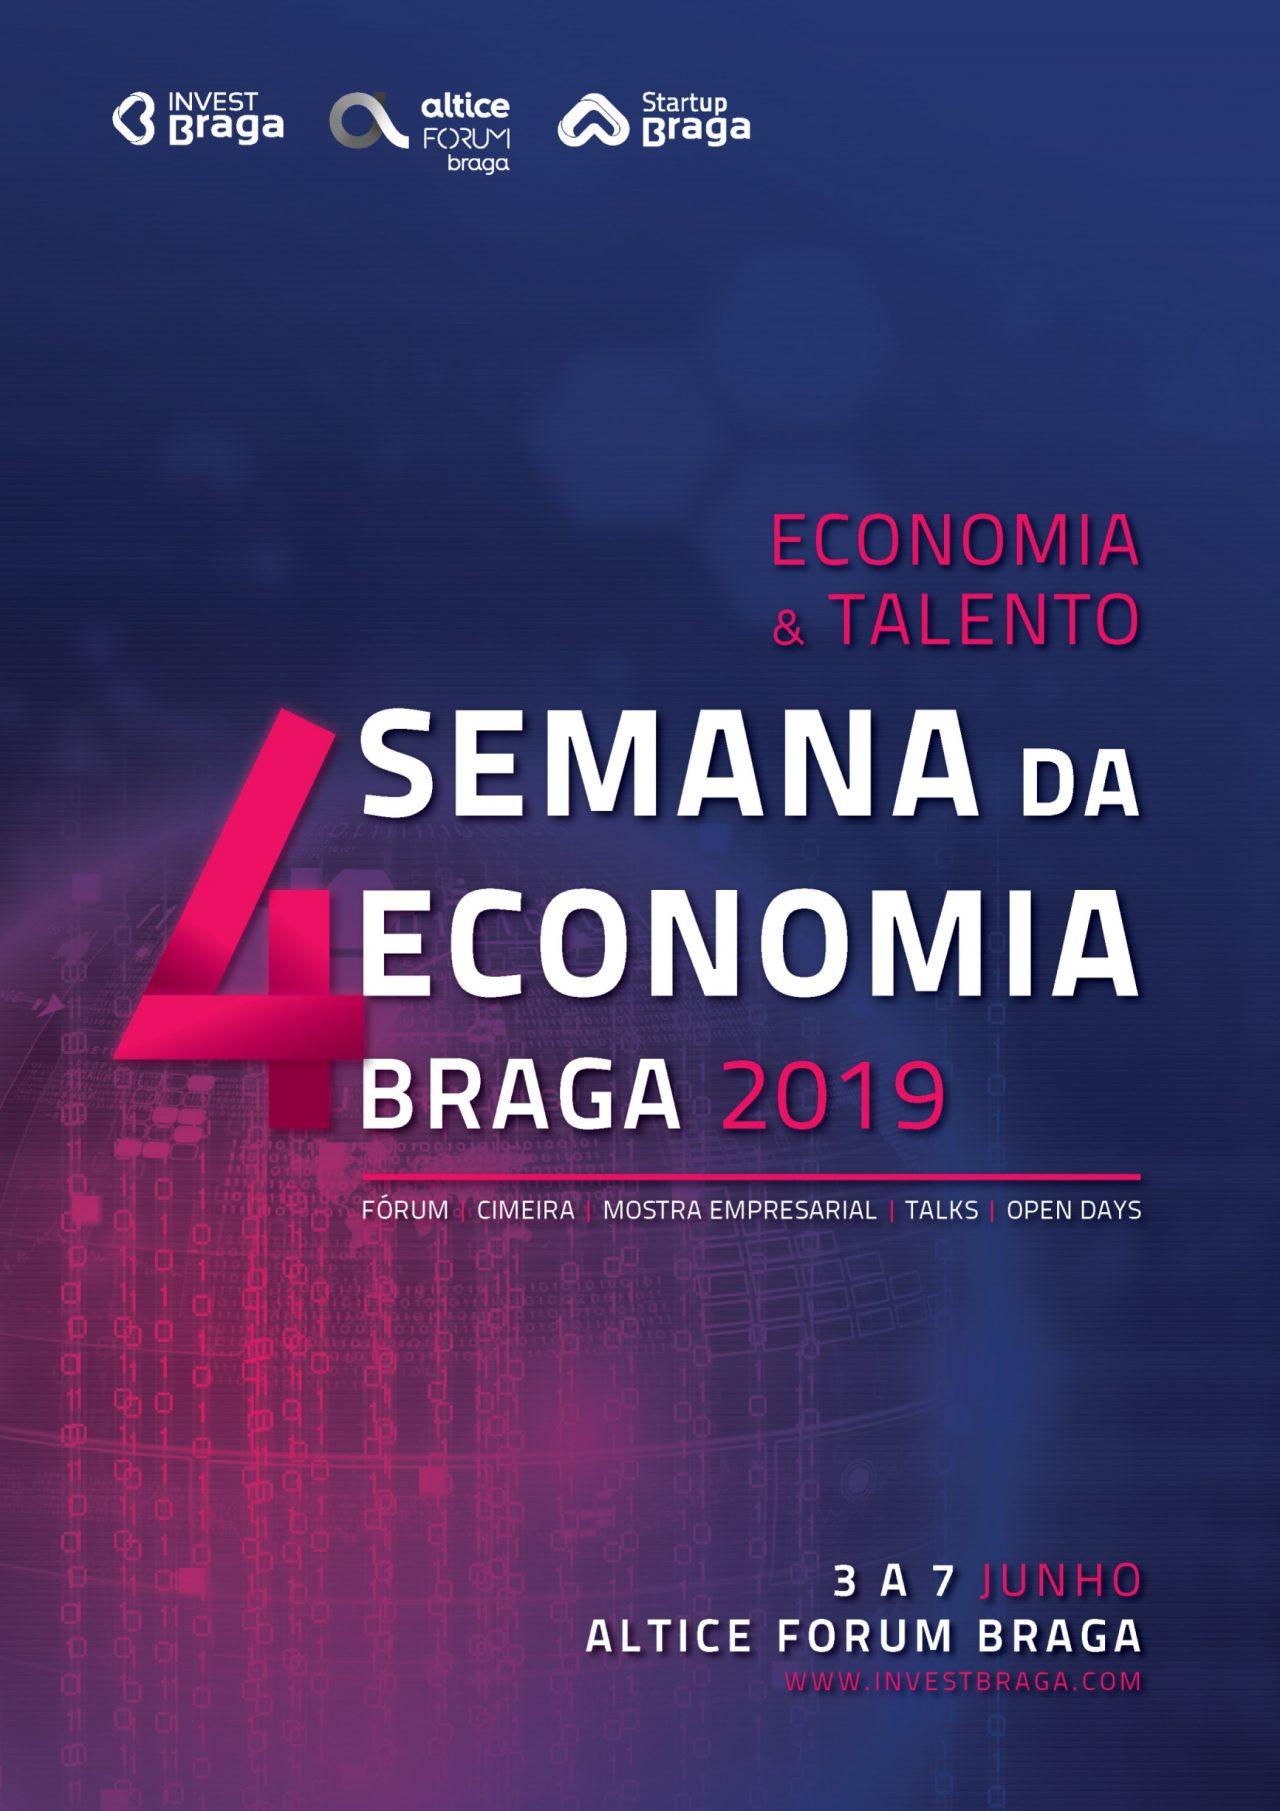 O FELIZ na Mostra Empresarial da 4ª Semana da Economia